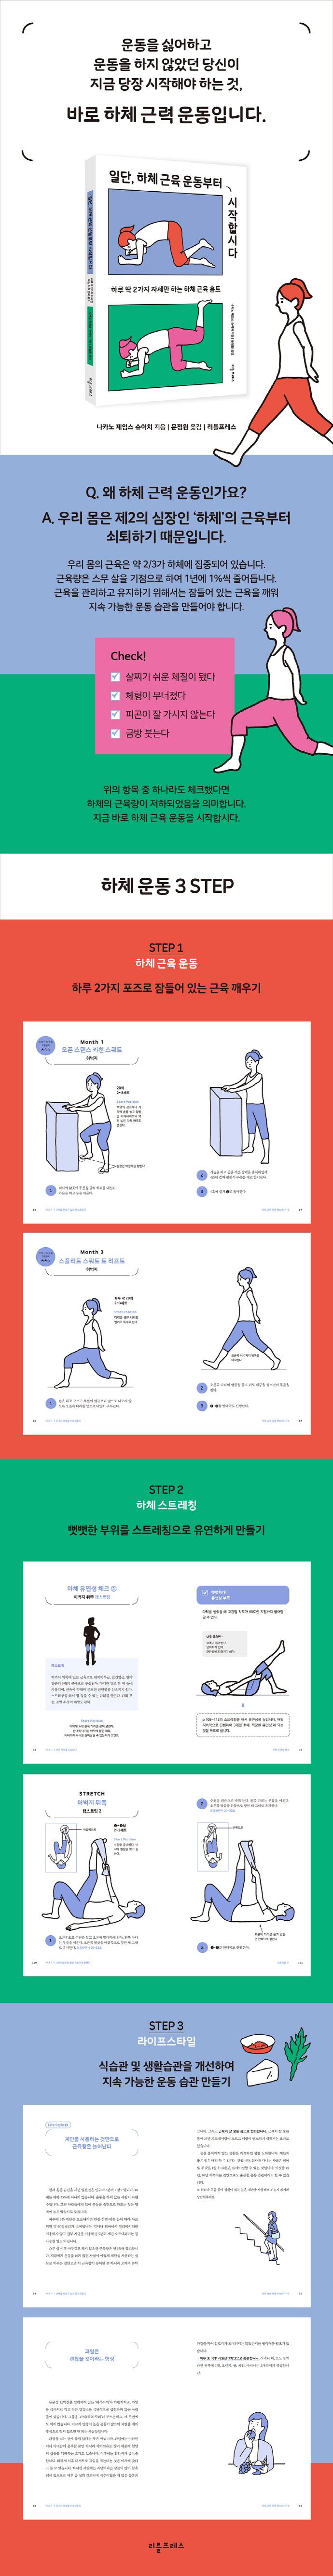 일단, 하체 근육 운동부터 시작합시다 도서 상세이미지